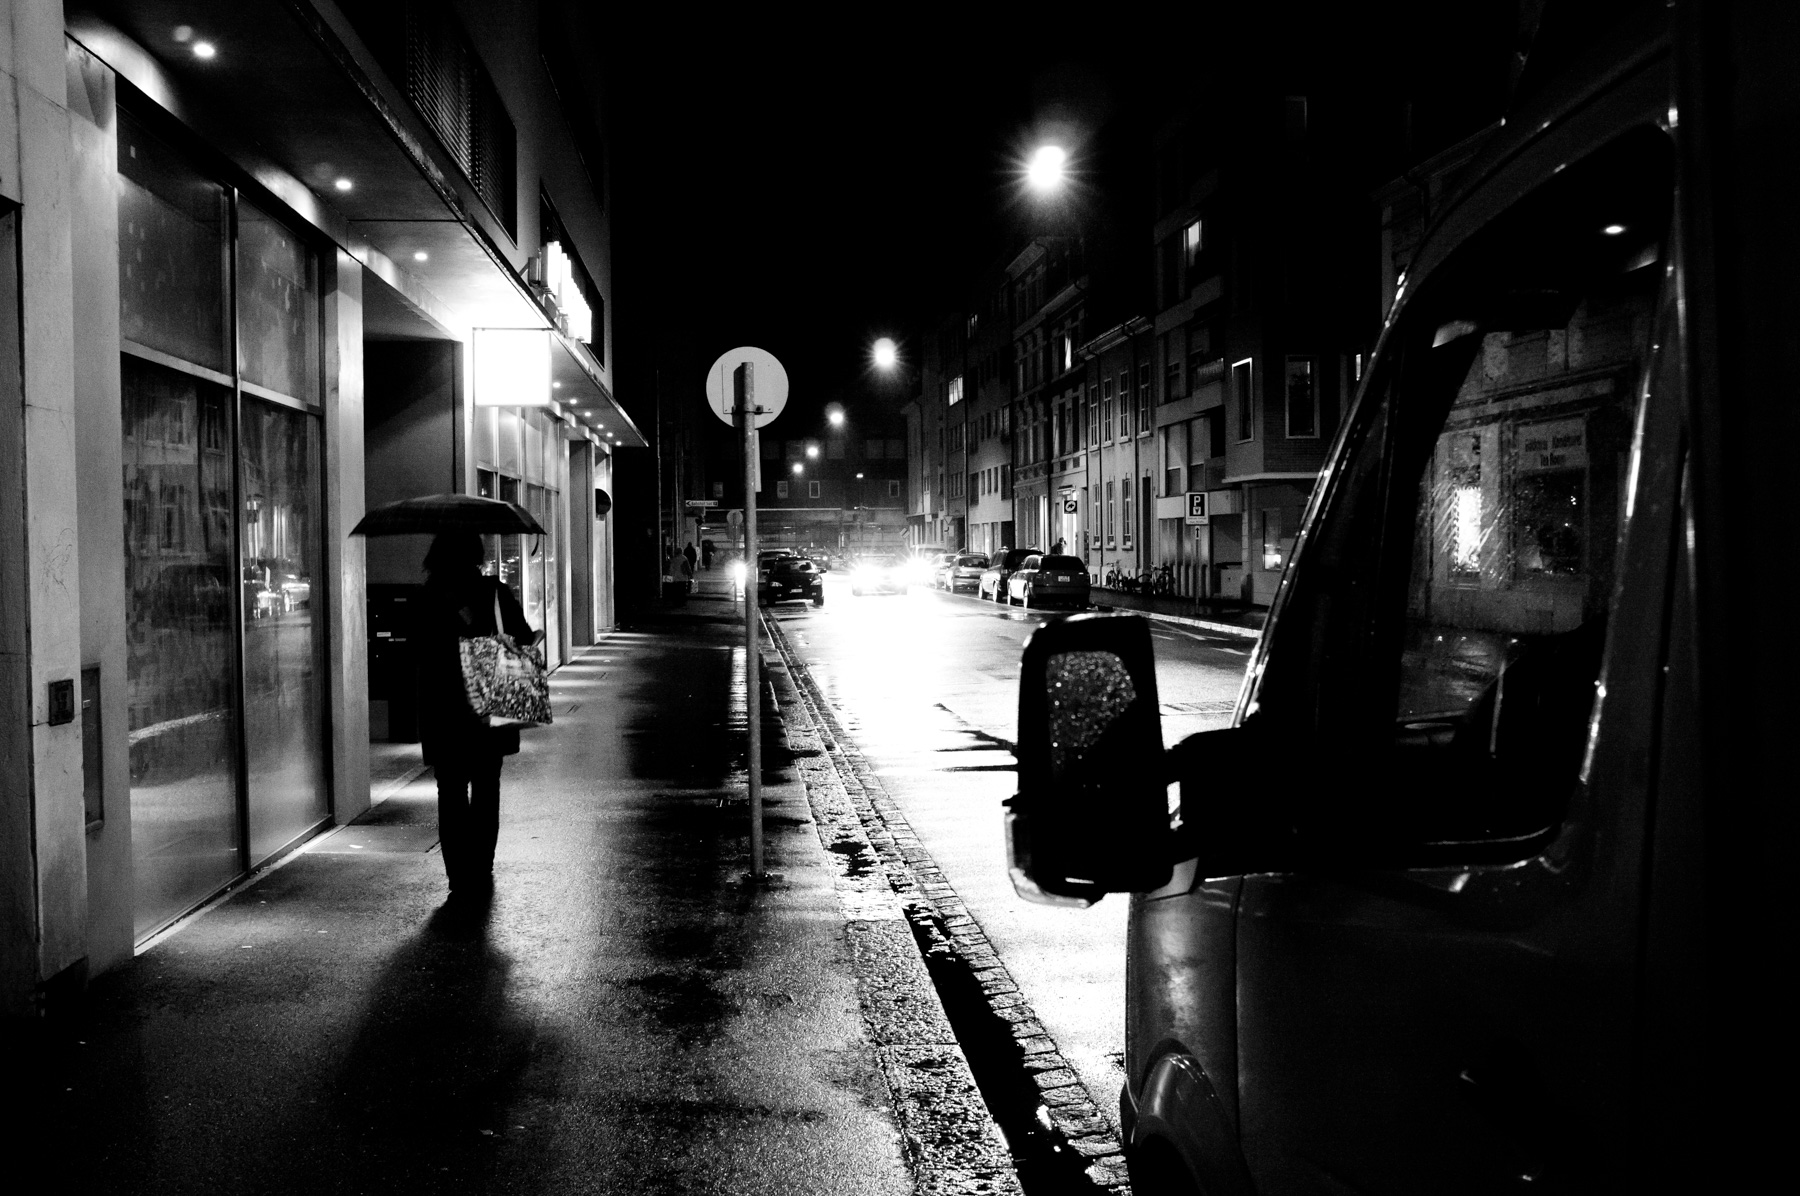 BW_Rainy